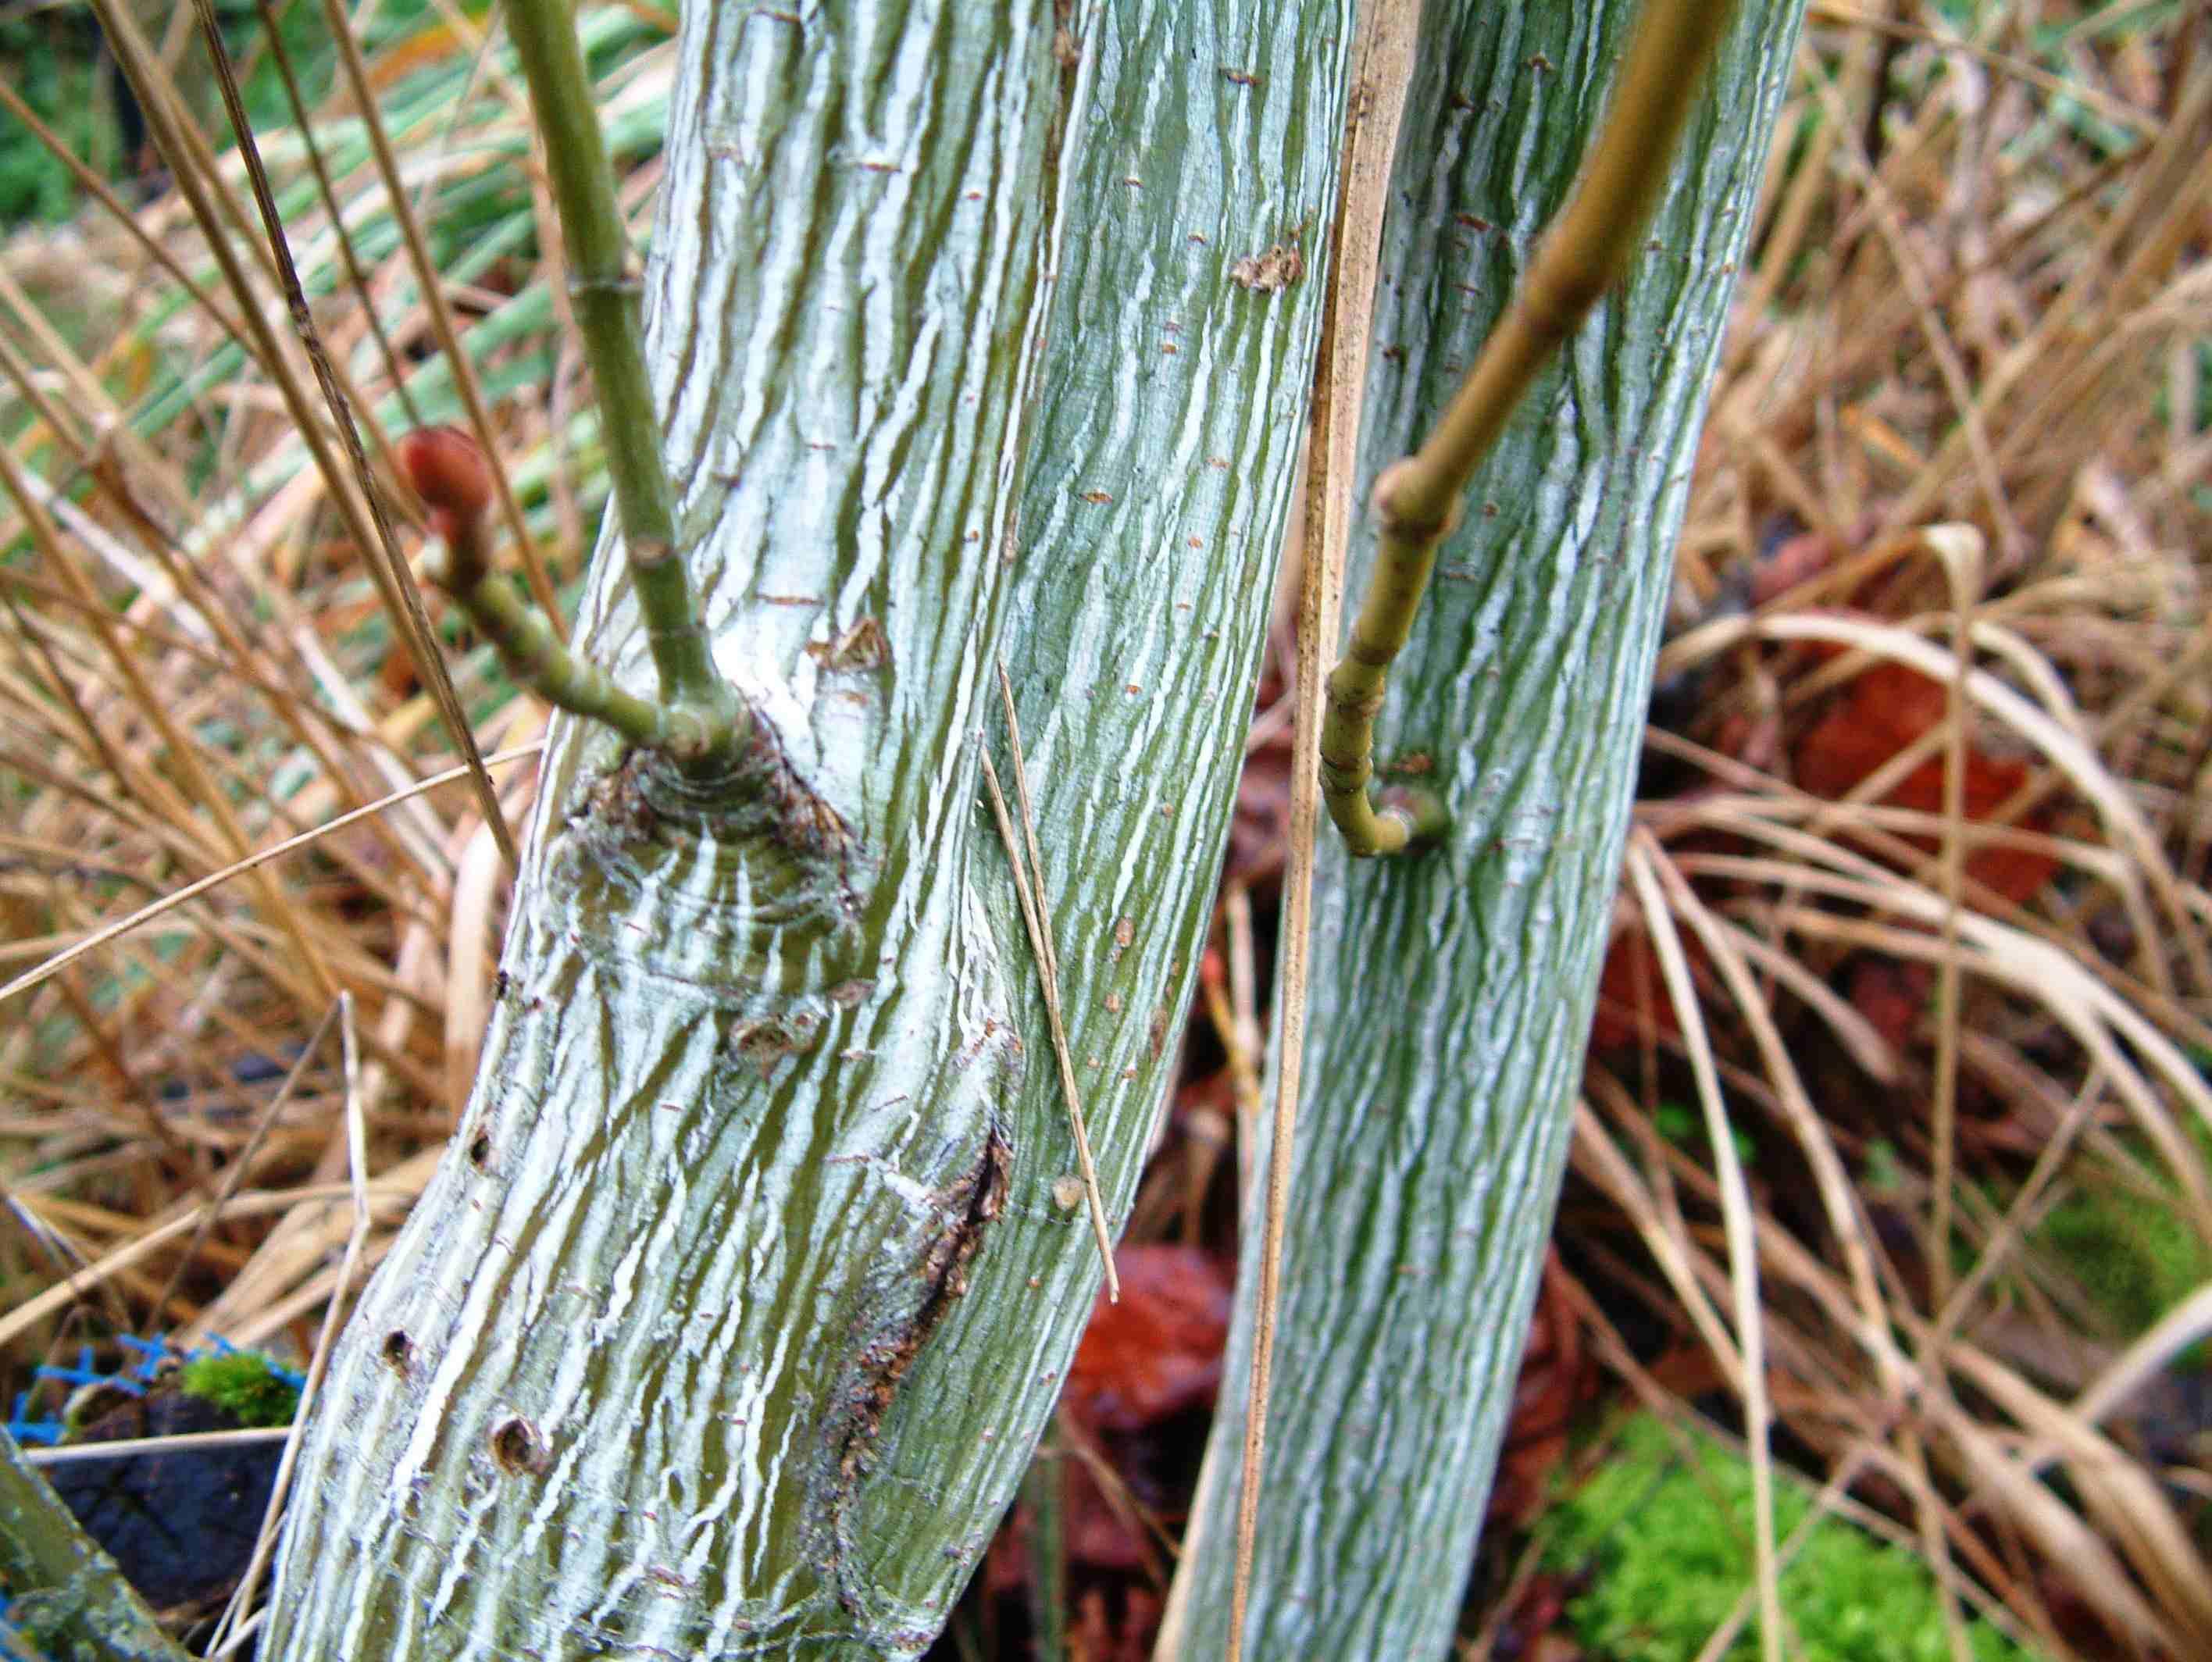 Acer Tegmentosum (Tronc) Aceraceae